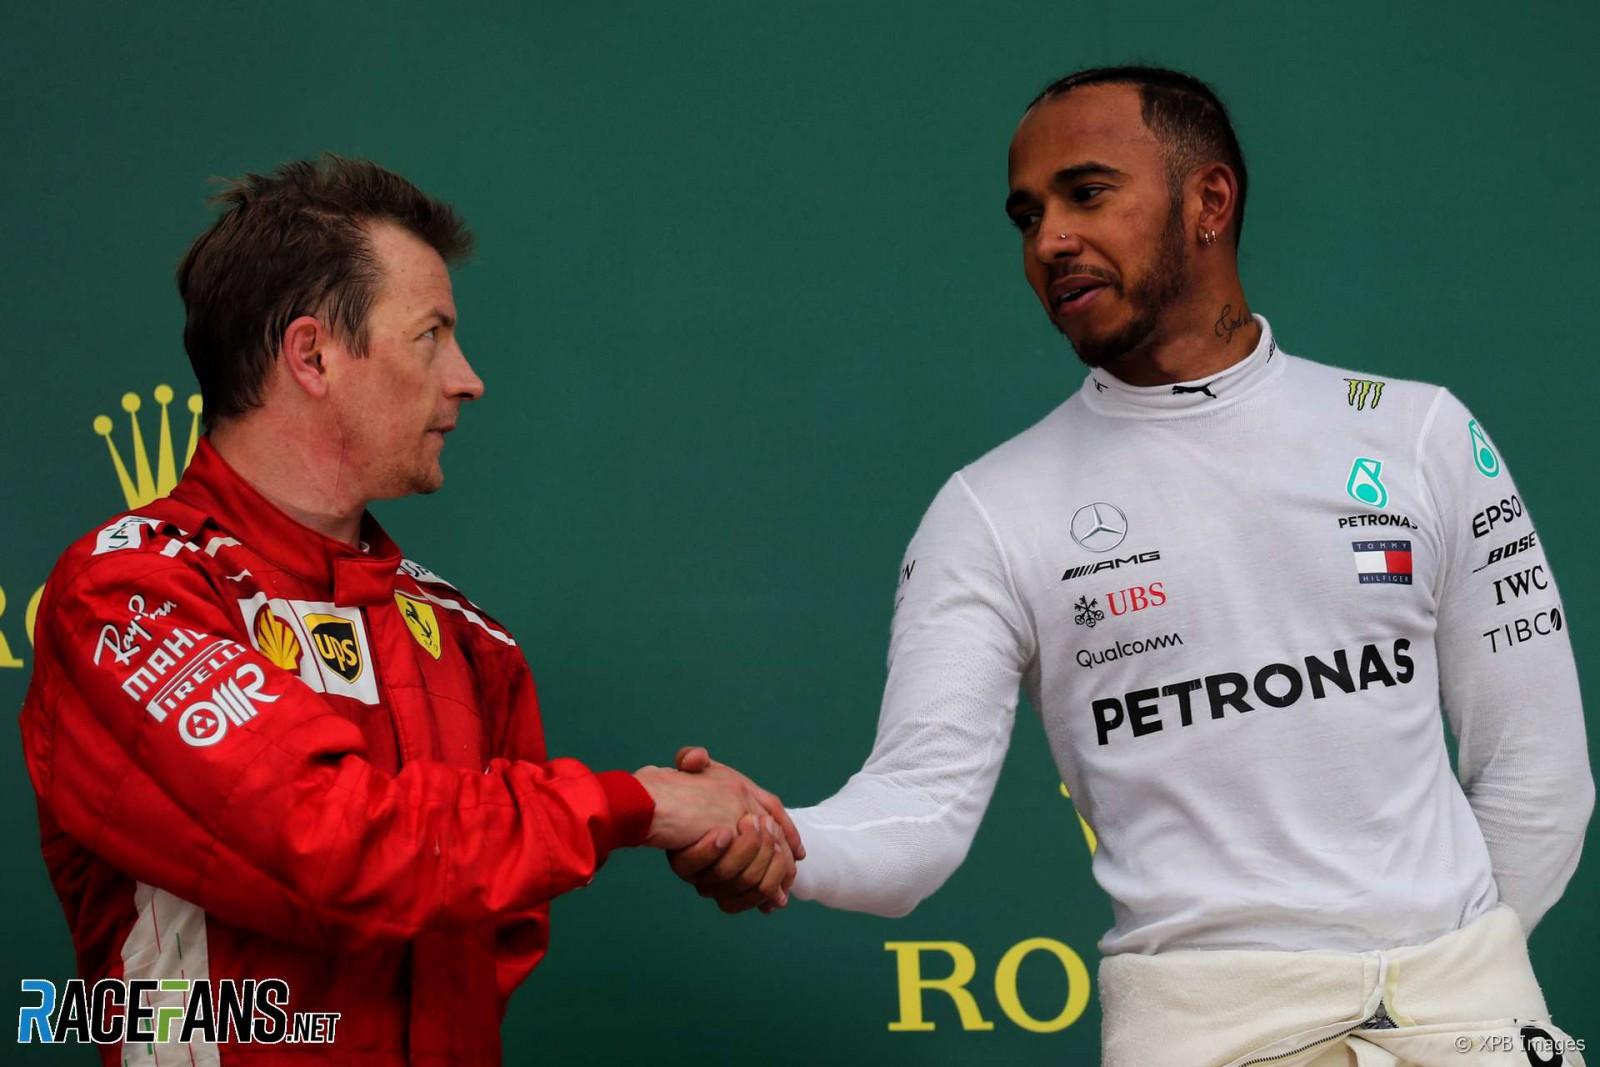 (video) Critici la adresa Scuderiei Ferrari şi reacţia lui Jeremy Clarkson după ce Raikkonen l-a lovit pe Hamilton. Piloţii s-au împăcat ulterior